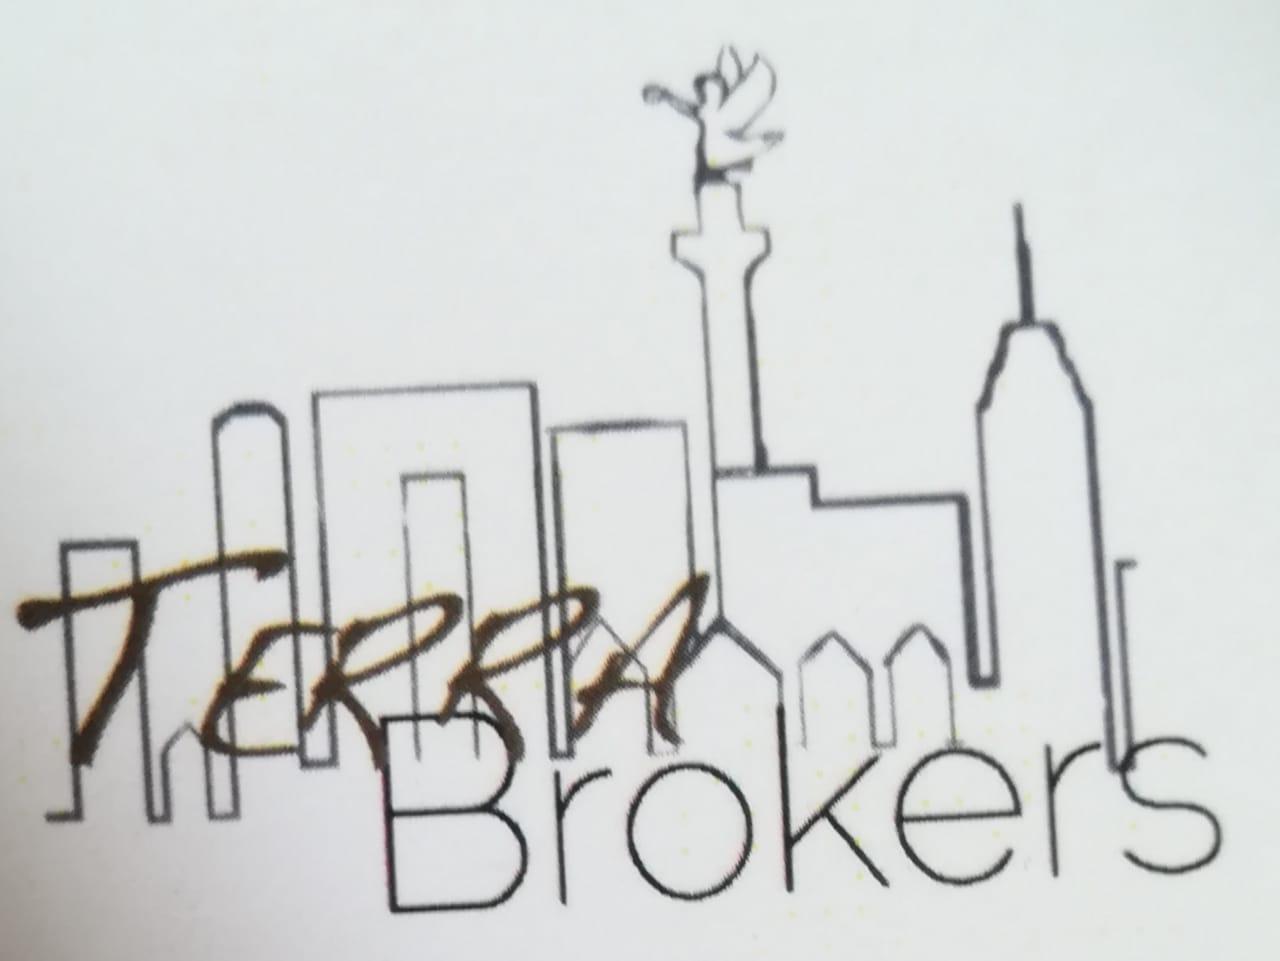 TERRA_BROKERS